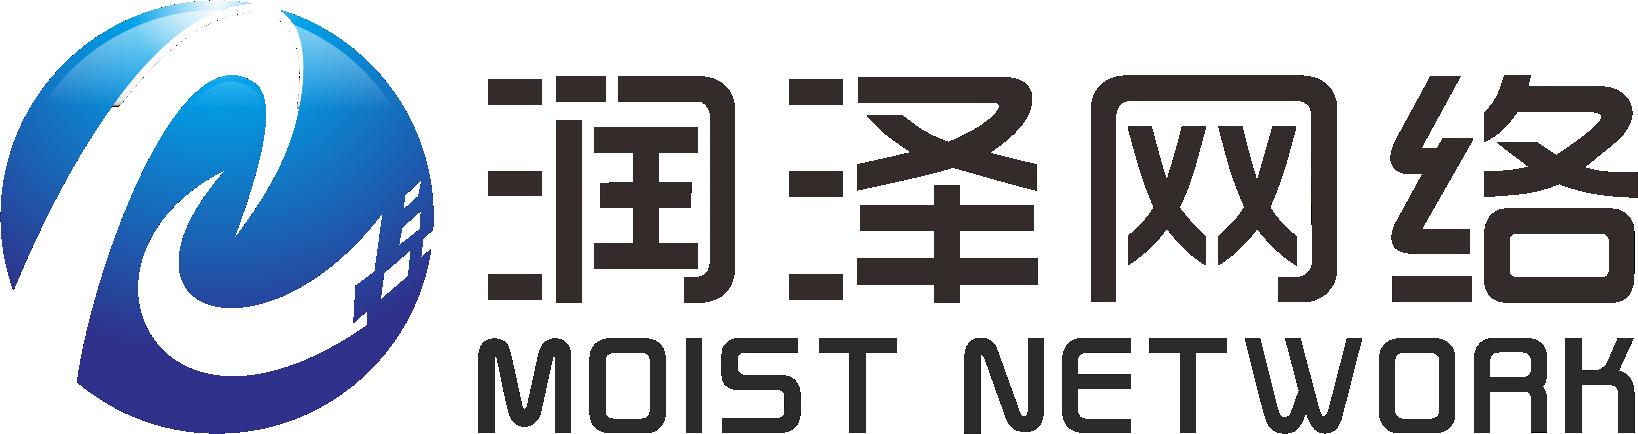 logo 标识 标志 设计 矢量 矢量图 素材 图标 1638_434